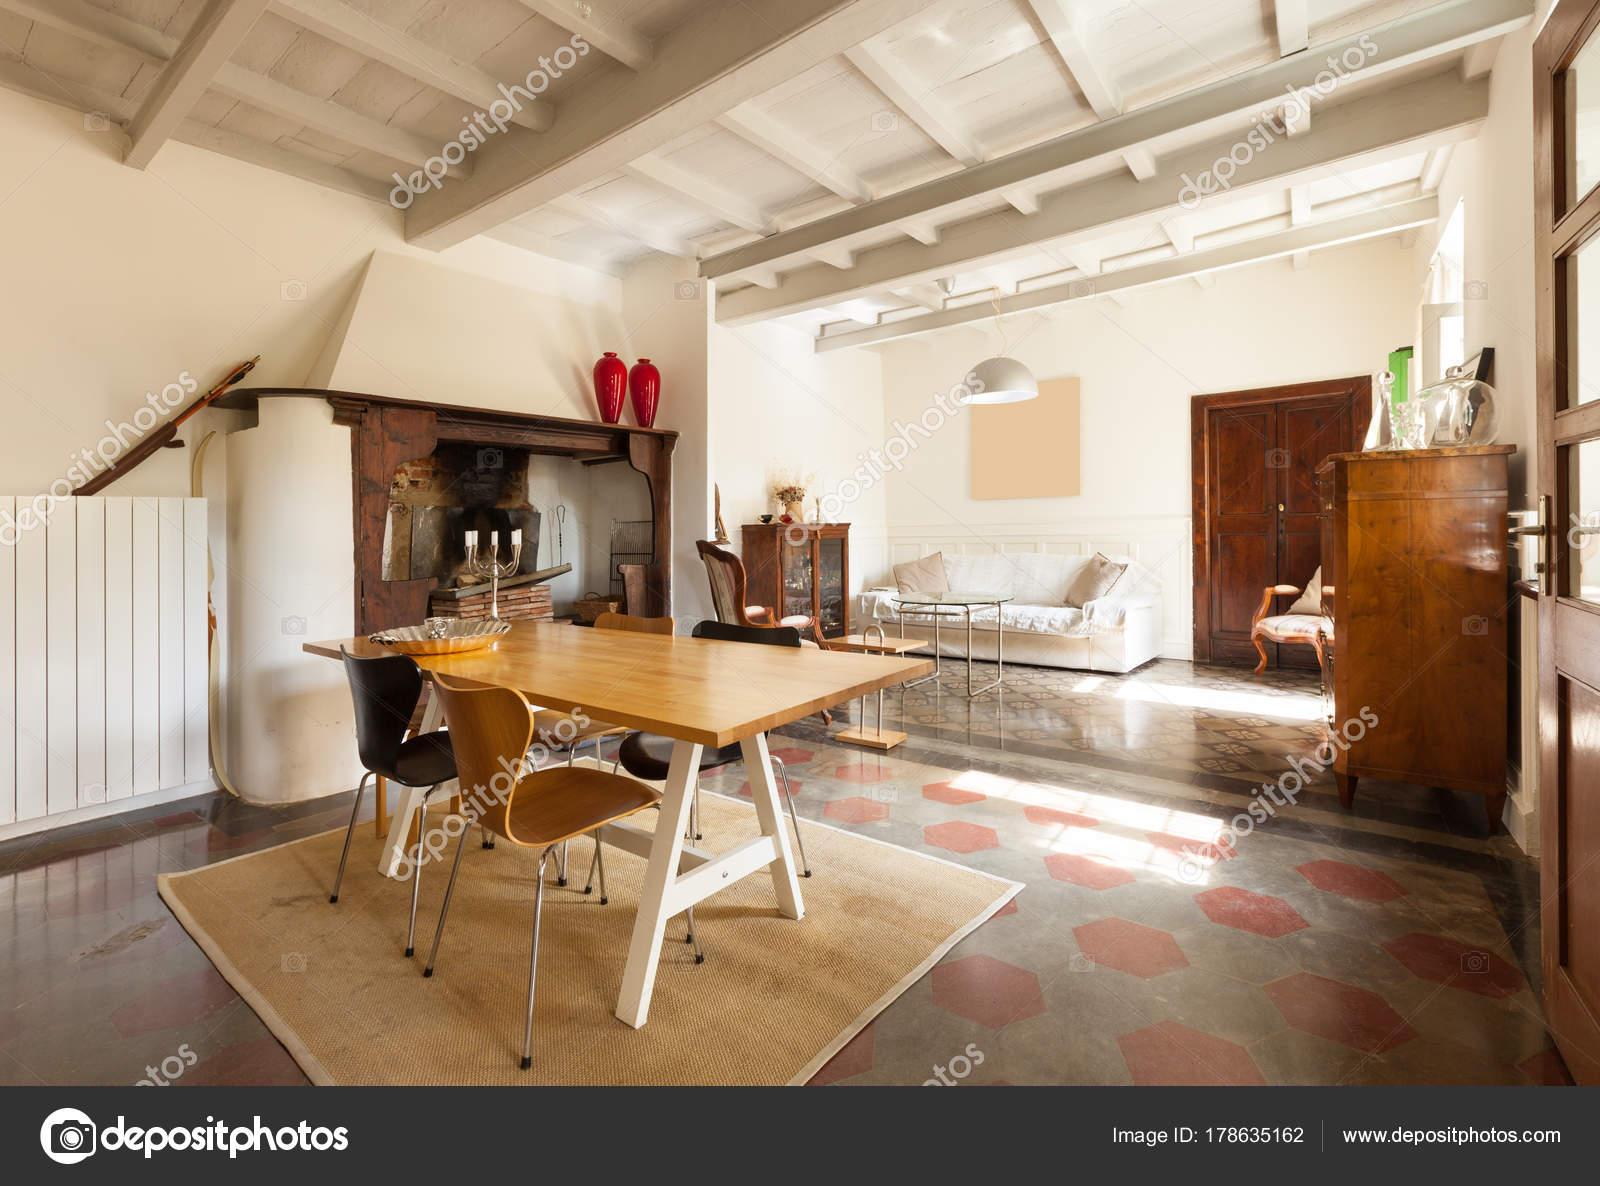 https://st3.depositphotos.com/2018053/17863/i/1600/depositphotos_178635162-stockafbeelding-comfortabele-eetkamer-voor-een-mooie.jpg